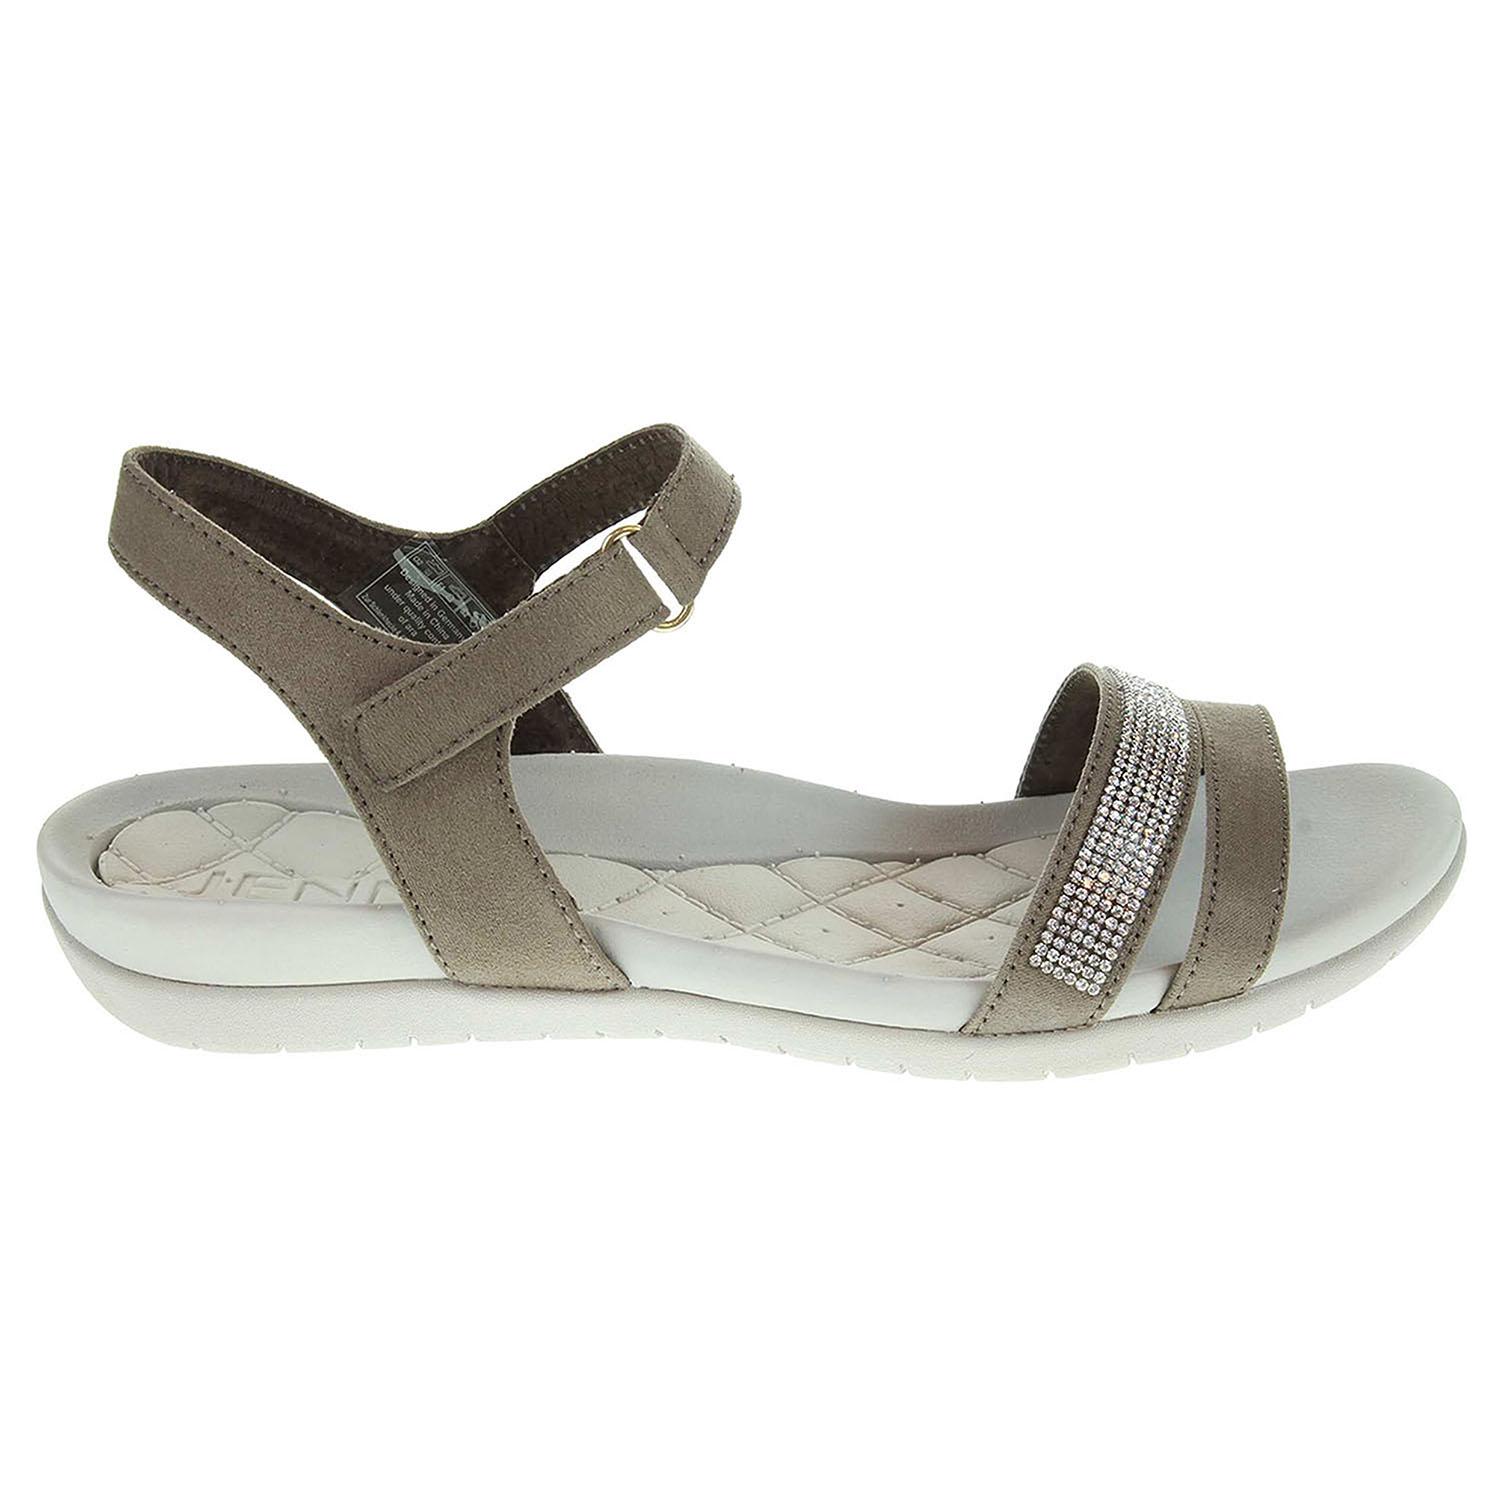 Ecco Ara dámské sandály 55909-05 béžové 23801075